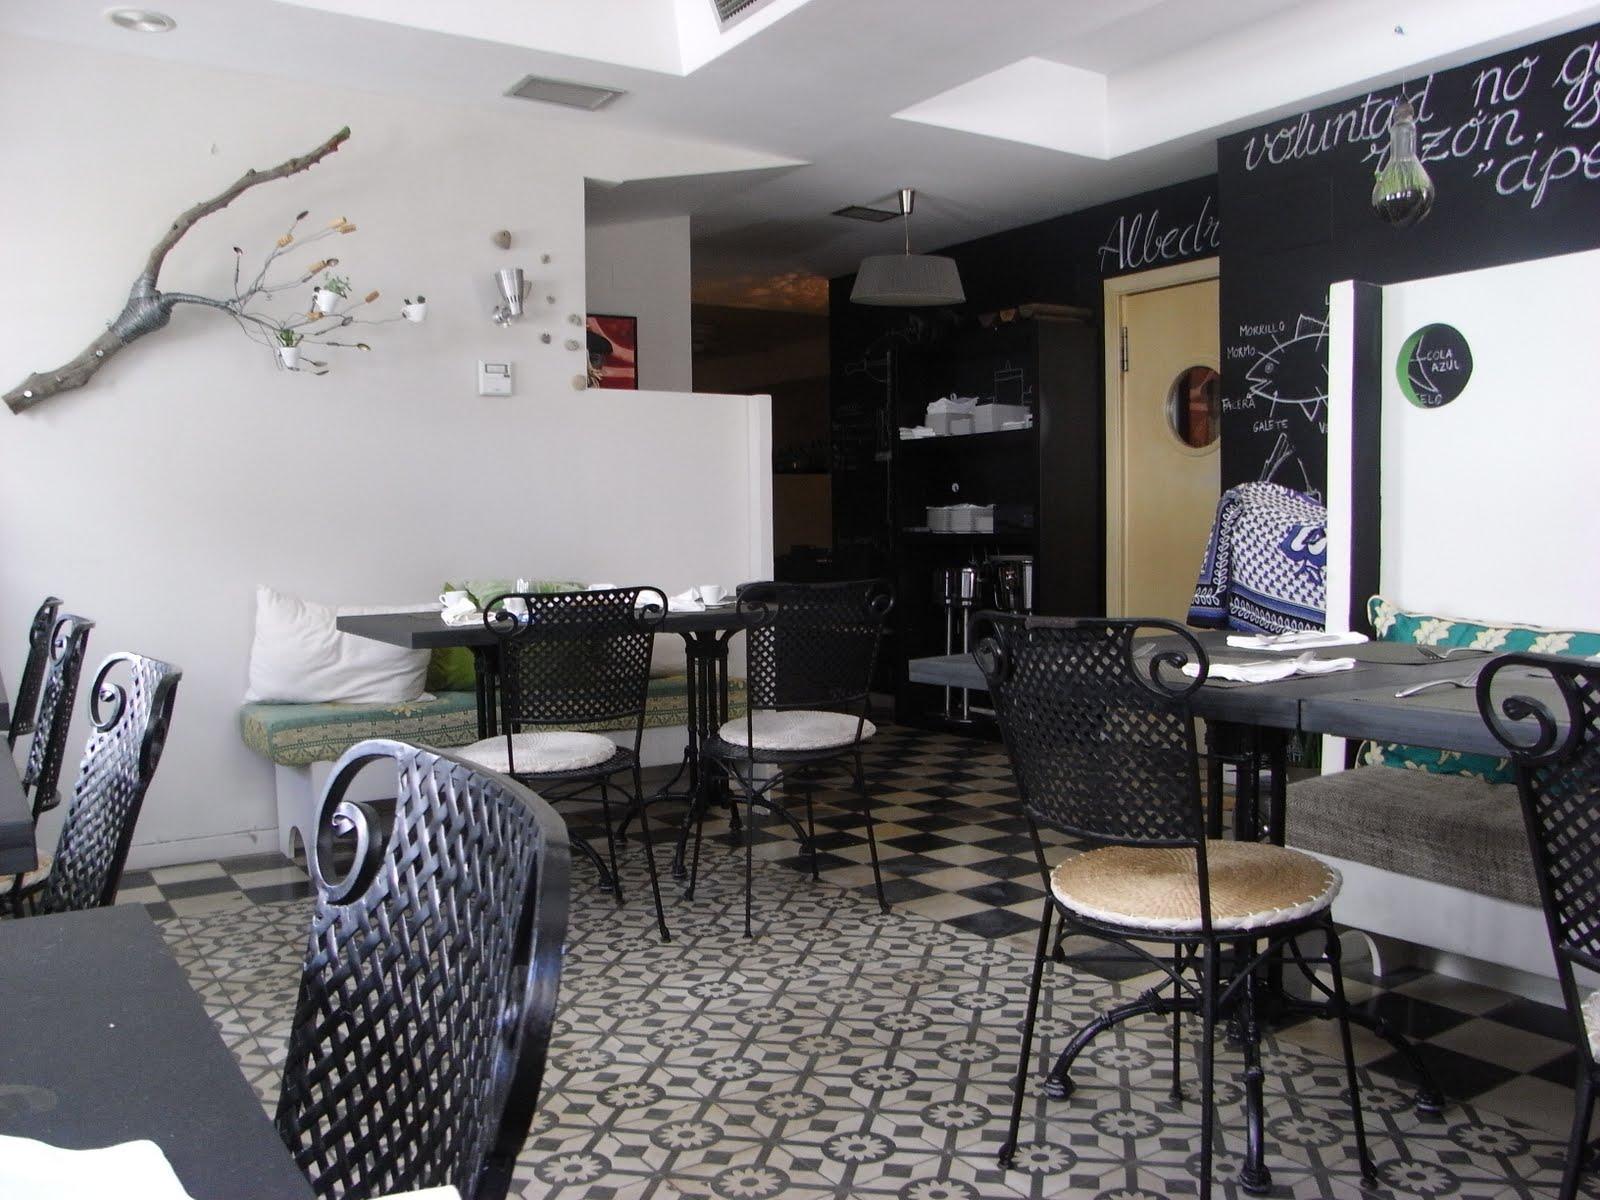 El blog de menycia restaurante albedr o - Decoracion cafeterias modernas ...